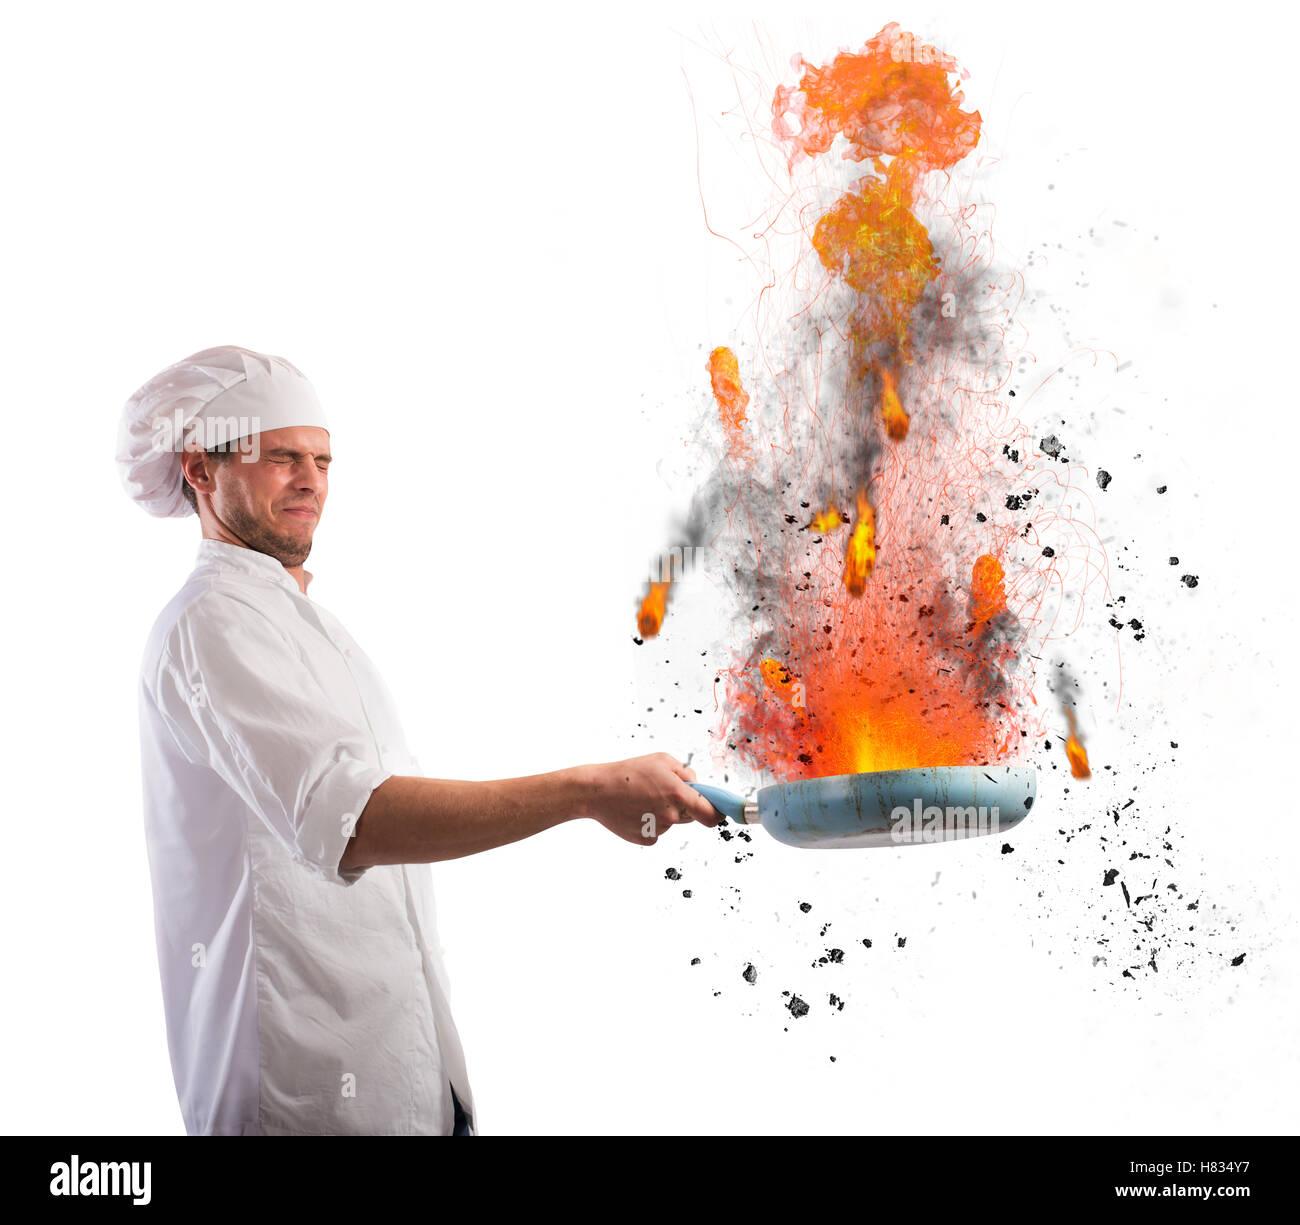 Fauteur de Cook Photo Stock